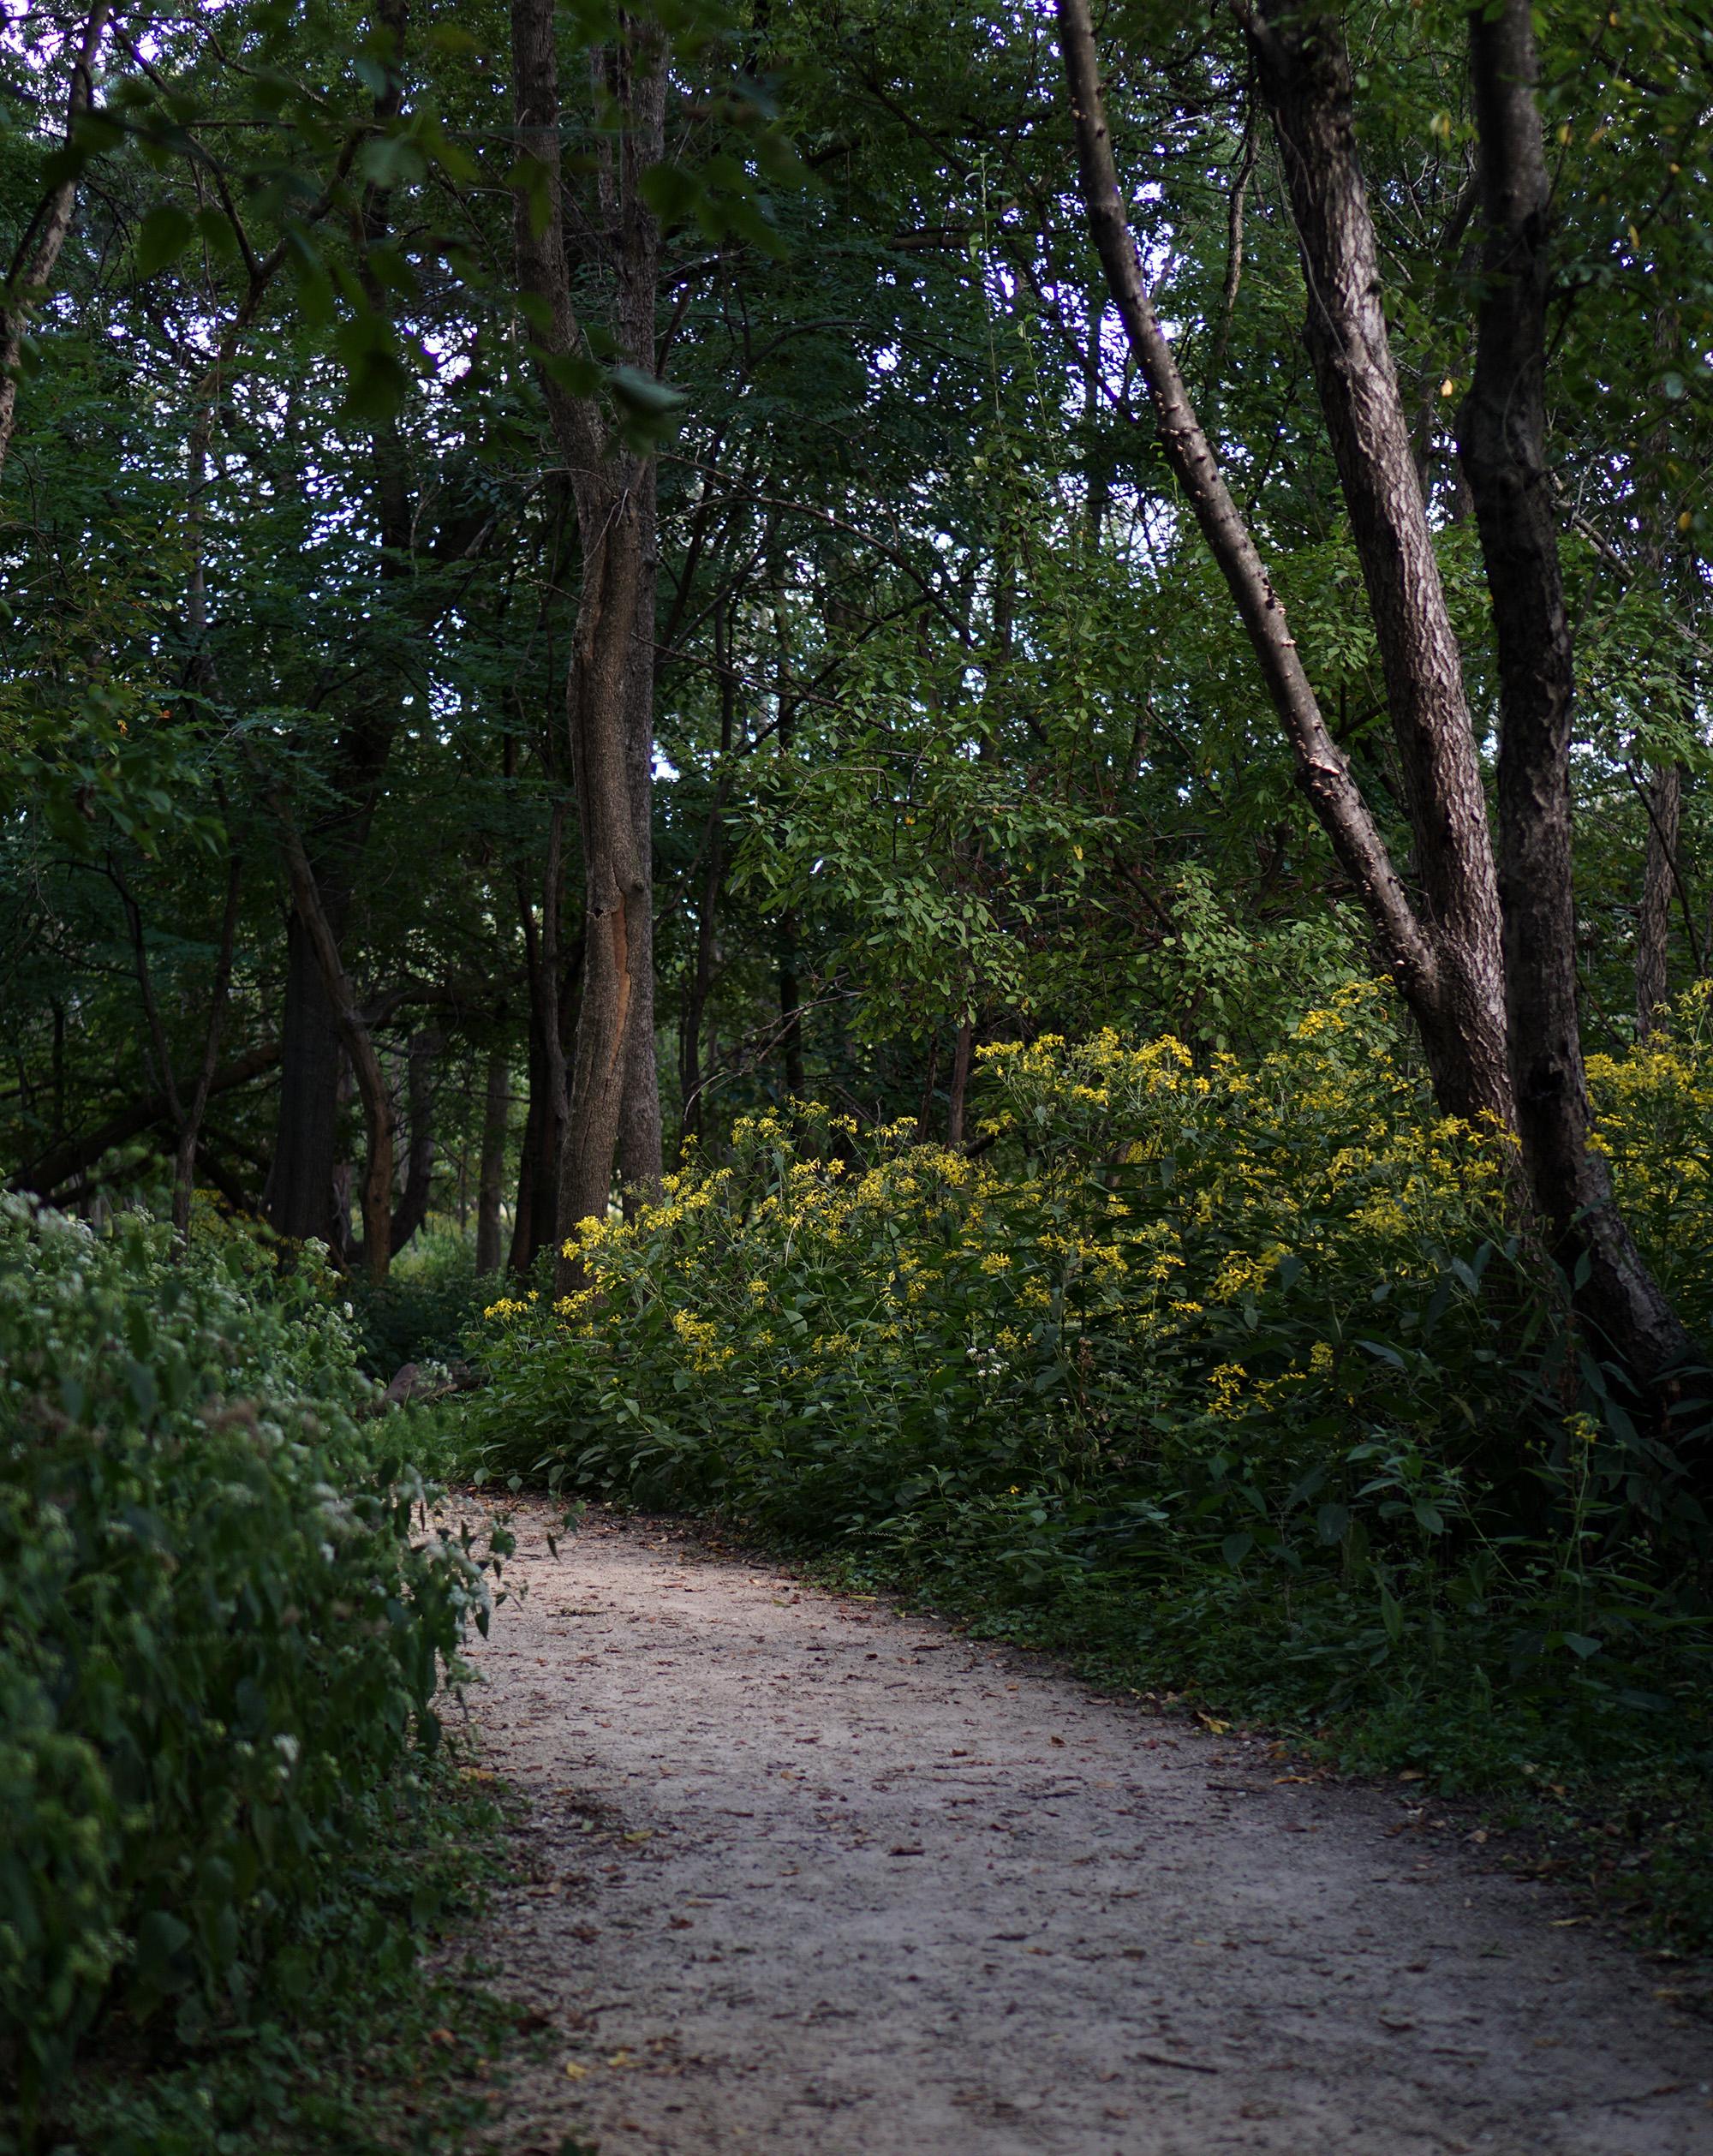 North Park Village Nature Center / Darker than Green